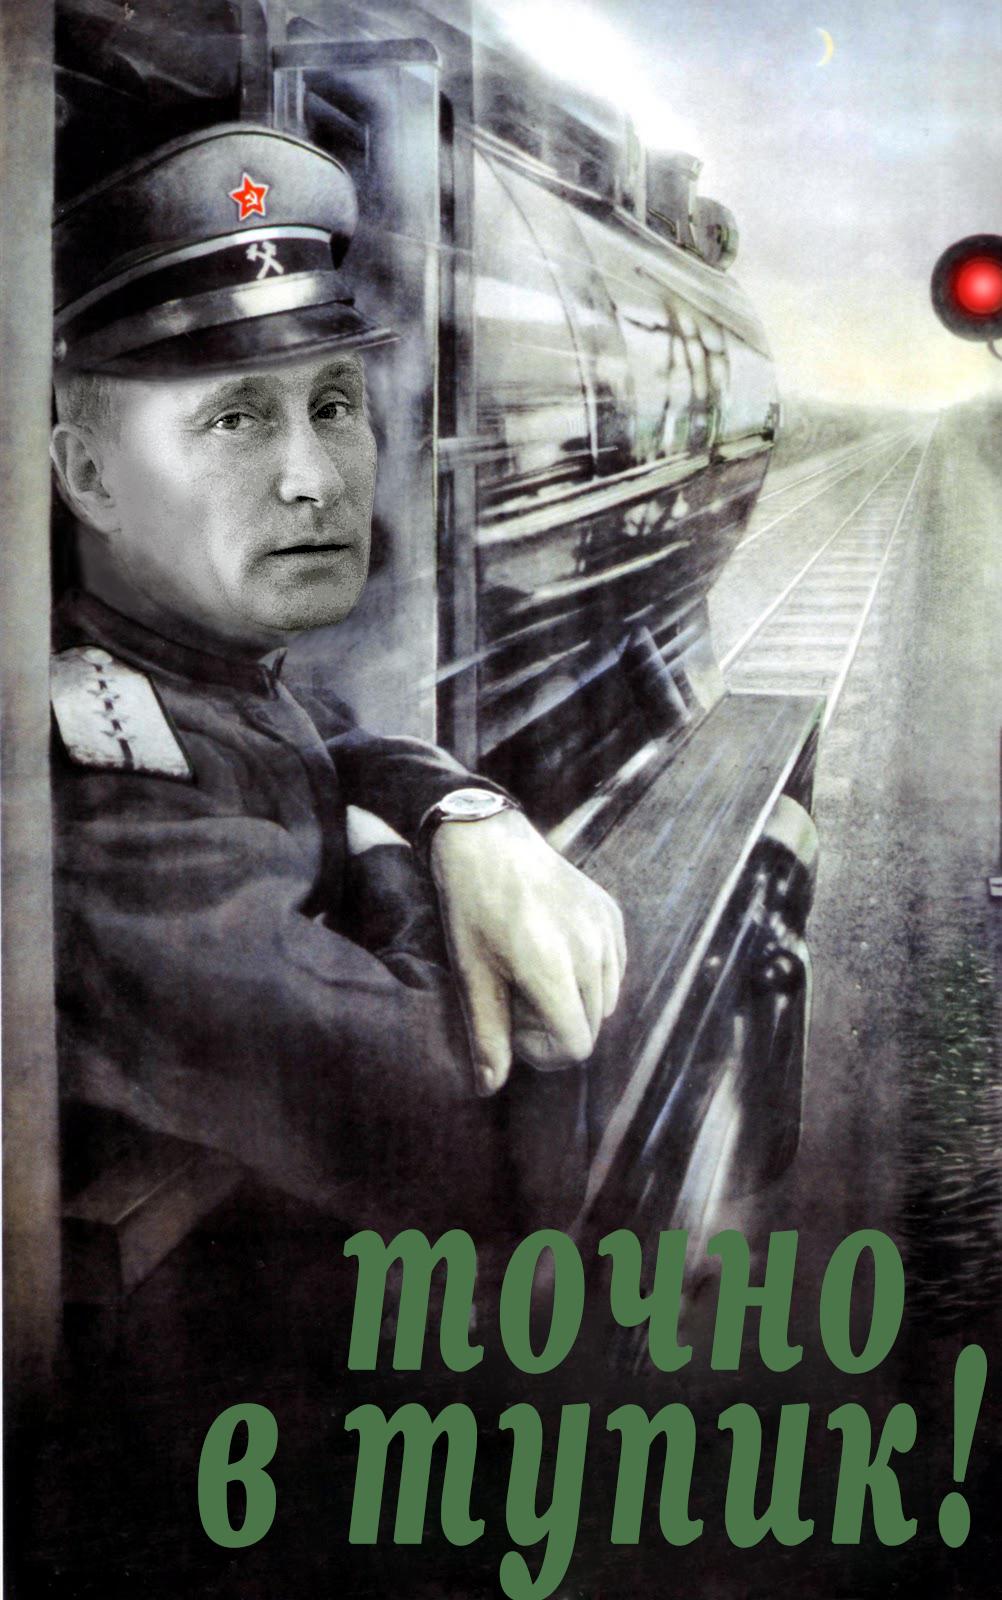 """Силовики не поддерживают перемирие, а террористы его используют, чтобы лучше вооружиться, - командир """"Донбасса"""" - Цензор.НЕТ 2661"""